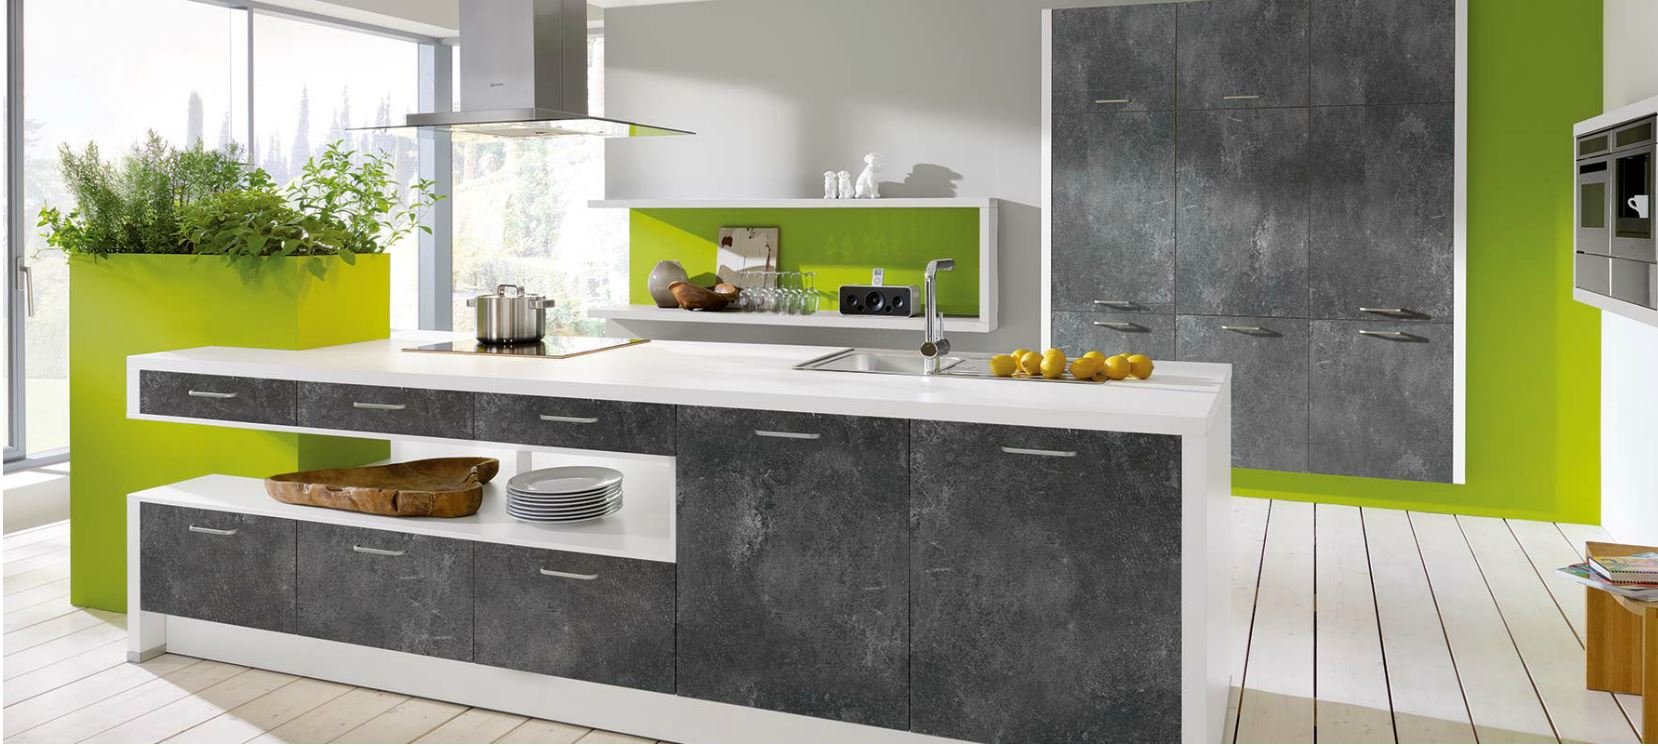 Tendencias en reformas clurjor for Muebles de cocina modernos color blanco